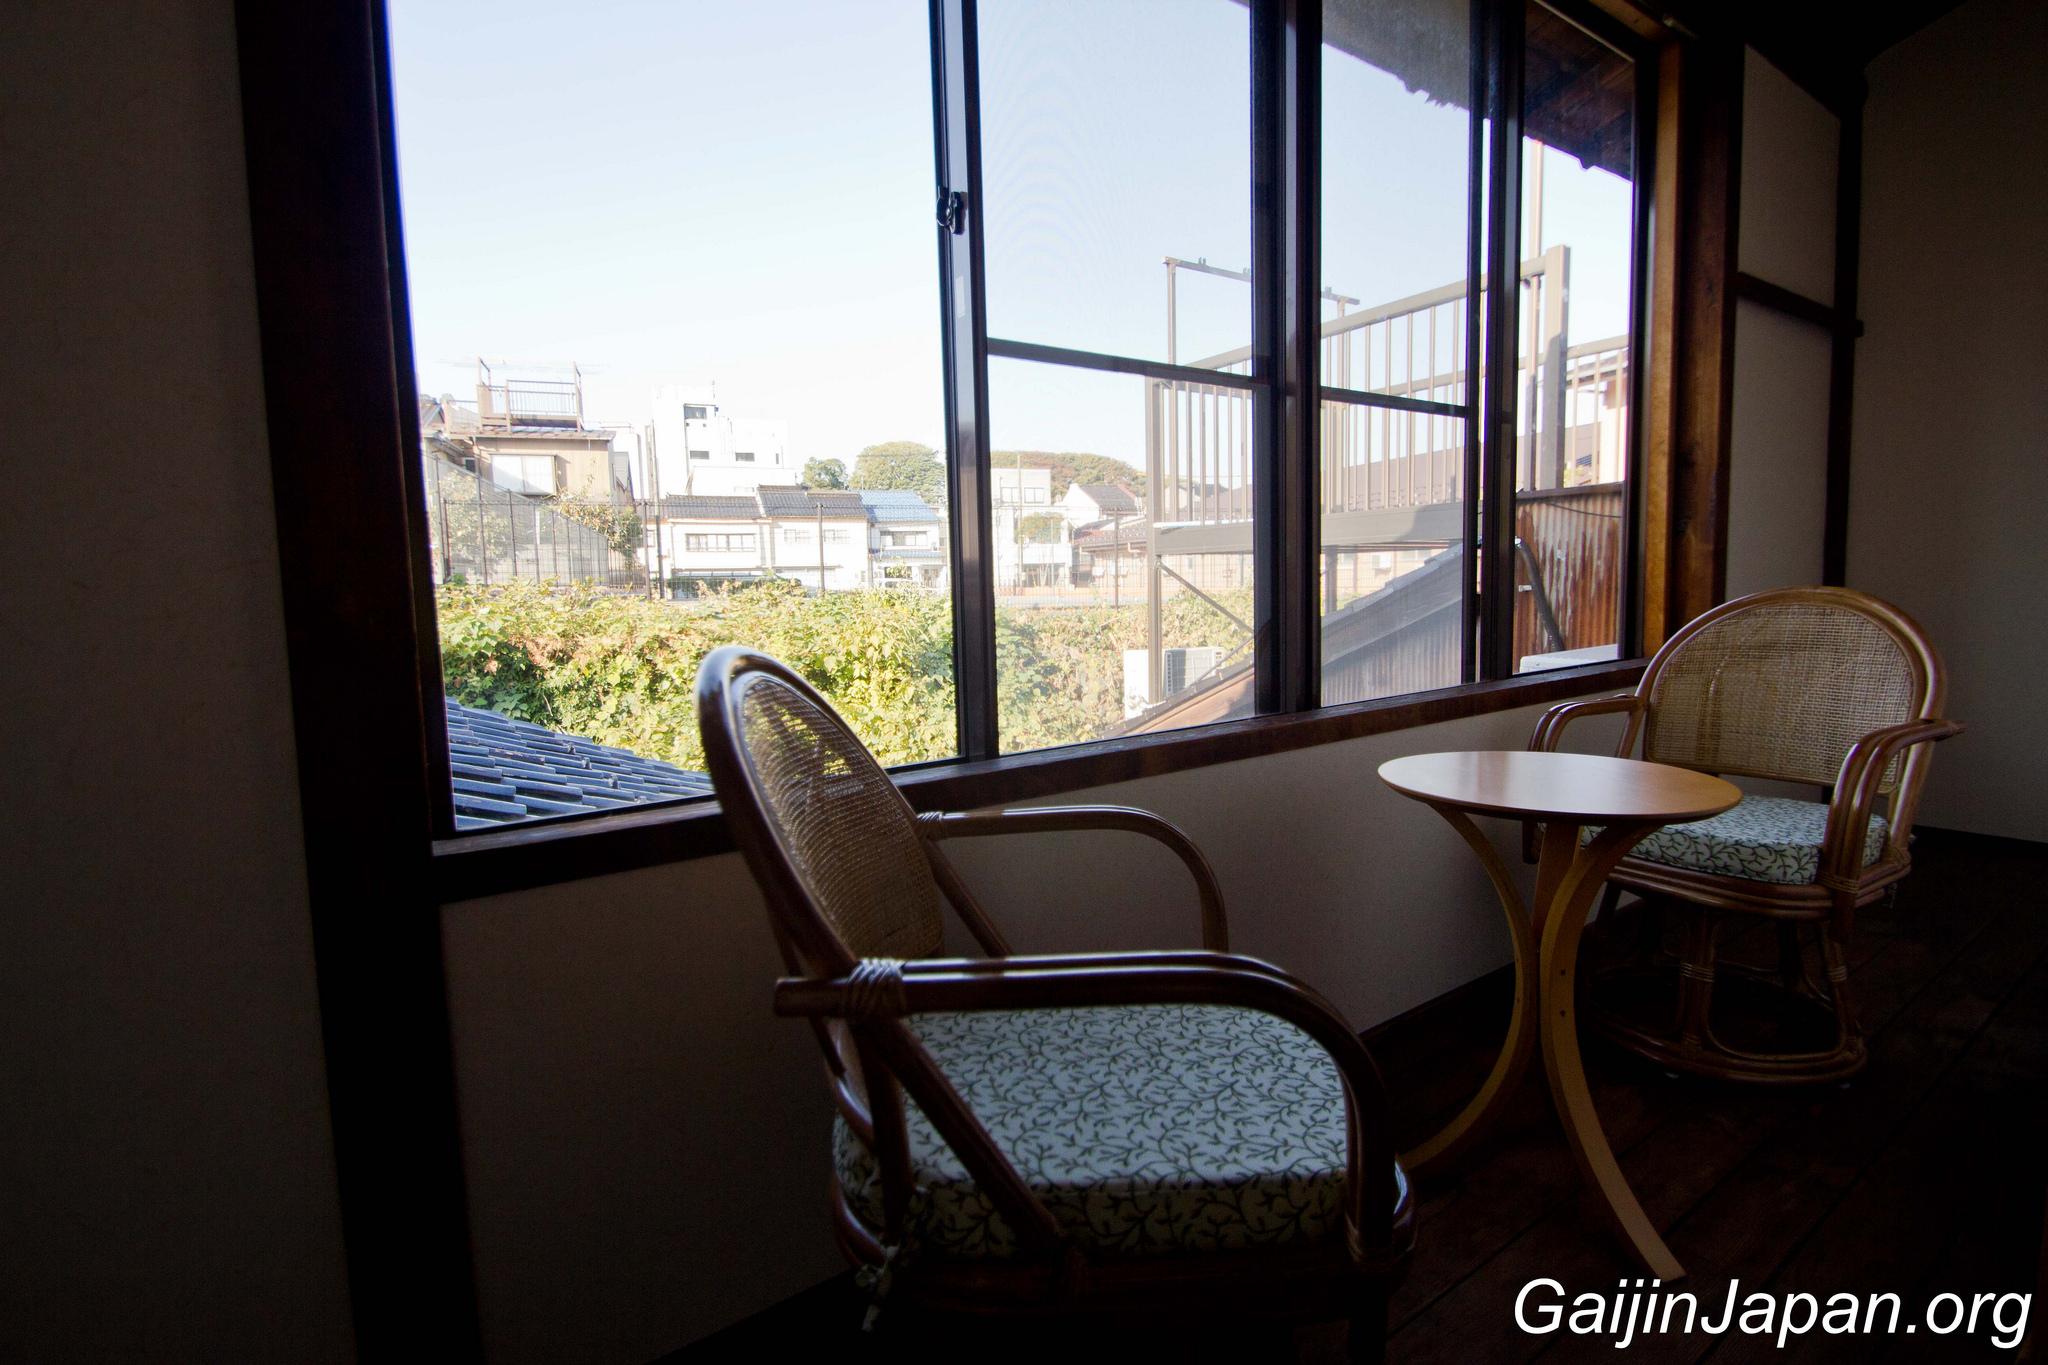 maison au japon elegant le japon simplela maison japonaise with maison au japon elegant maison. Black Bedroom Furniture Sets. Home Design Ideas